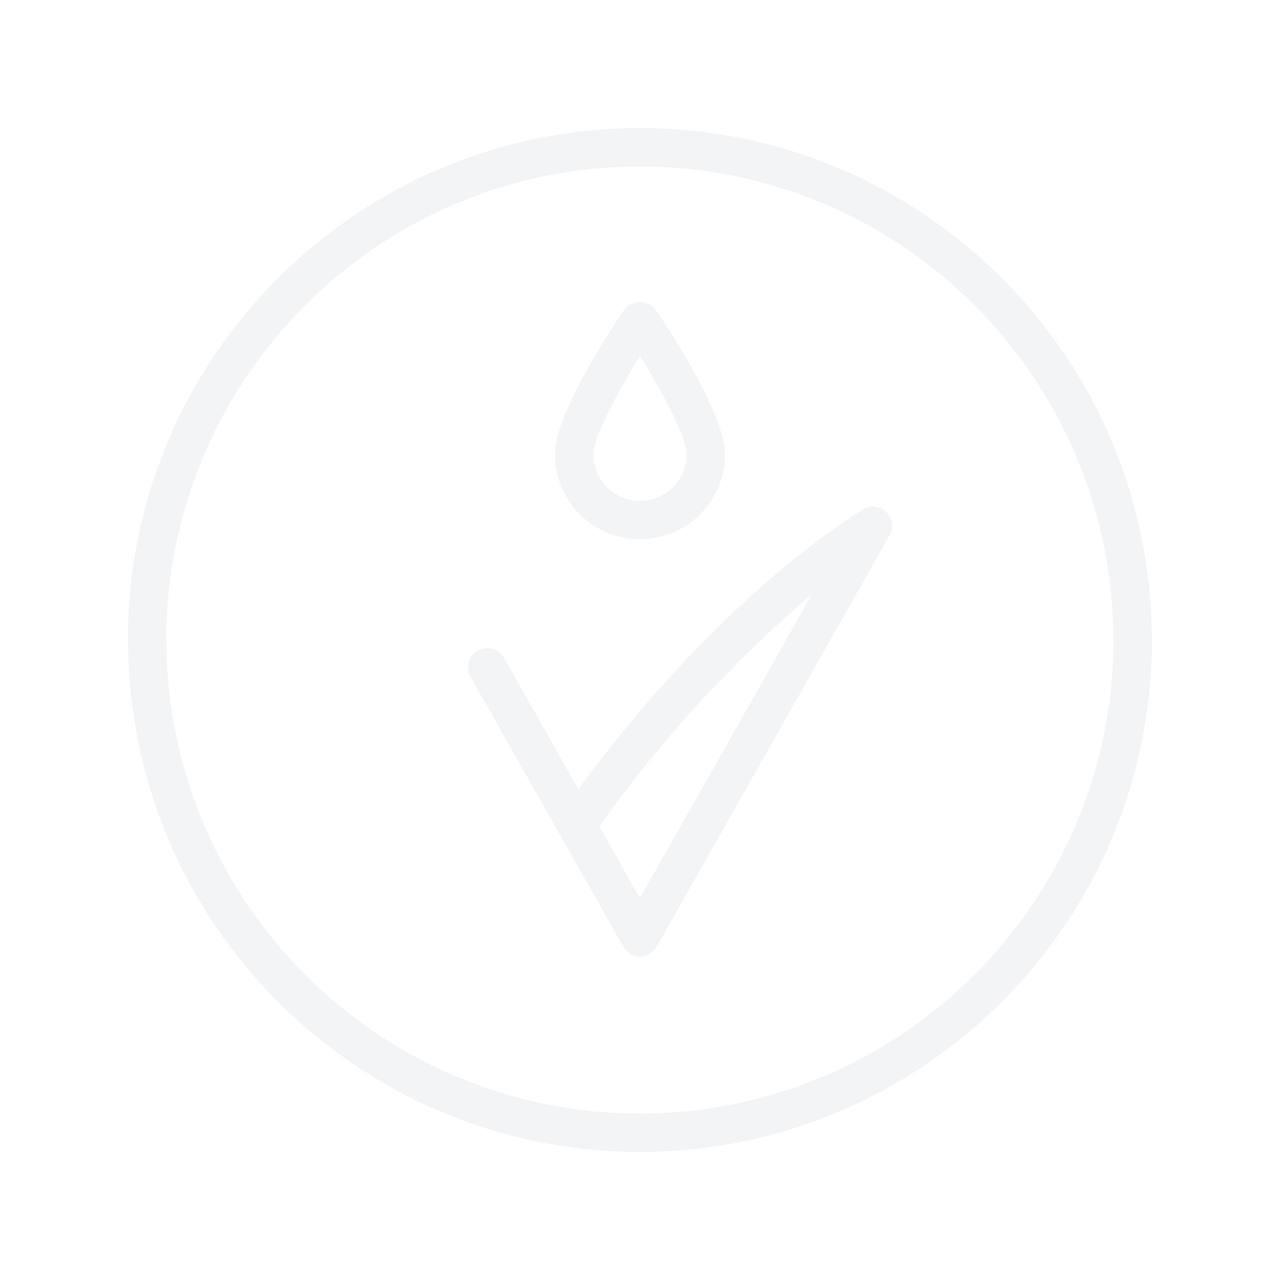 LA ROCHE-POSAY Anthelios Sun Intolerance Cream SPF50 50ml